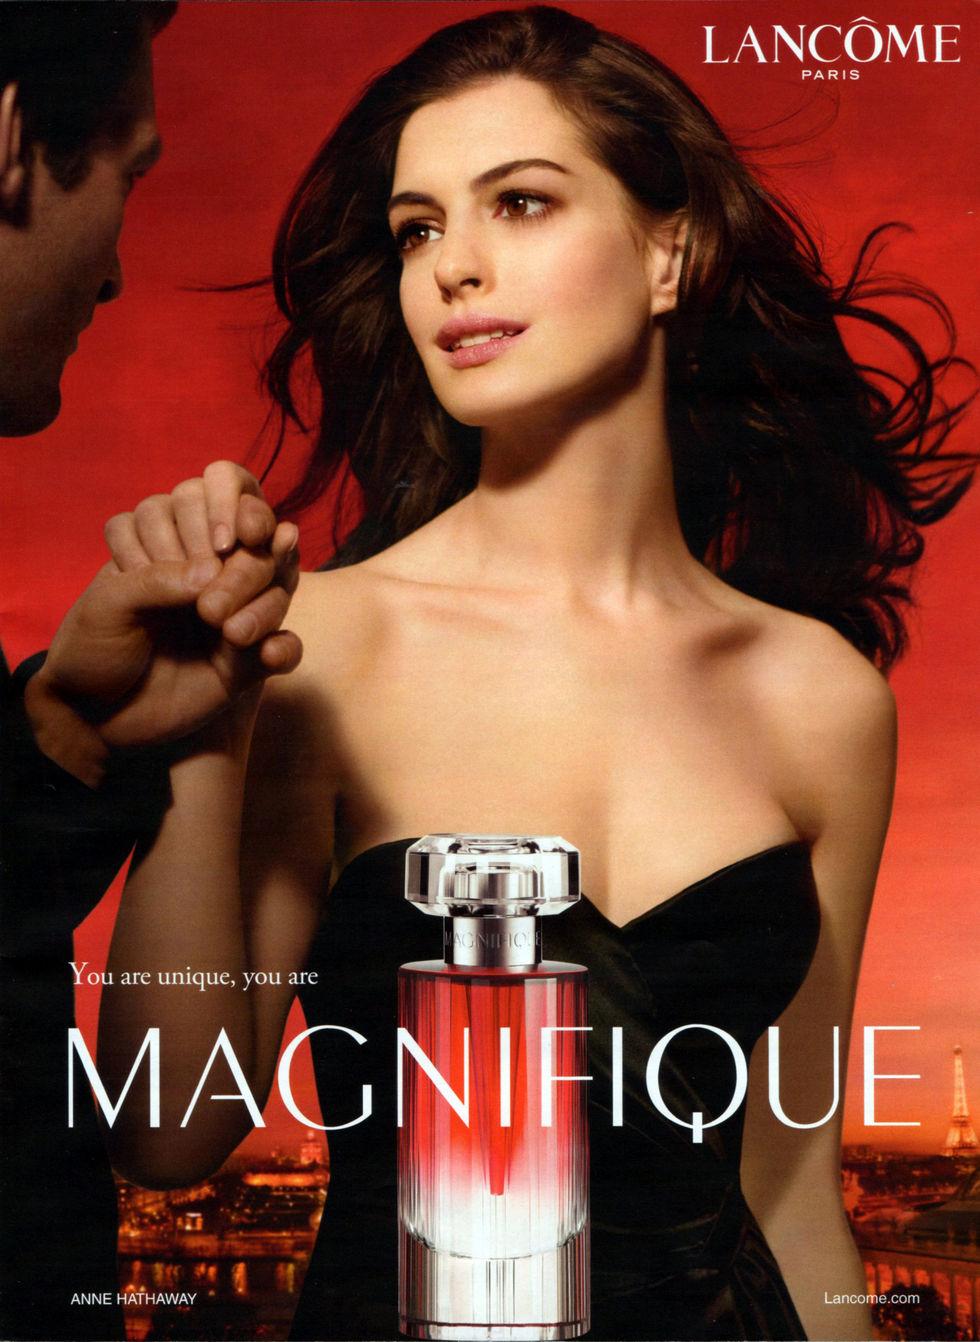 anne-hathaway-lancome-magnifique-advert-01